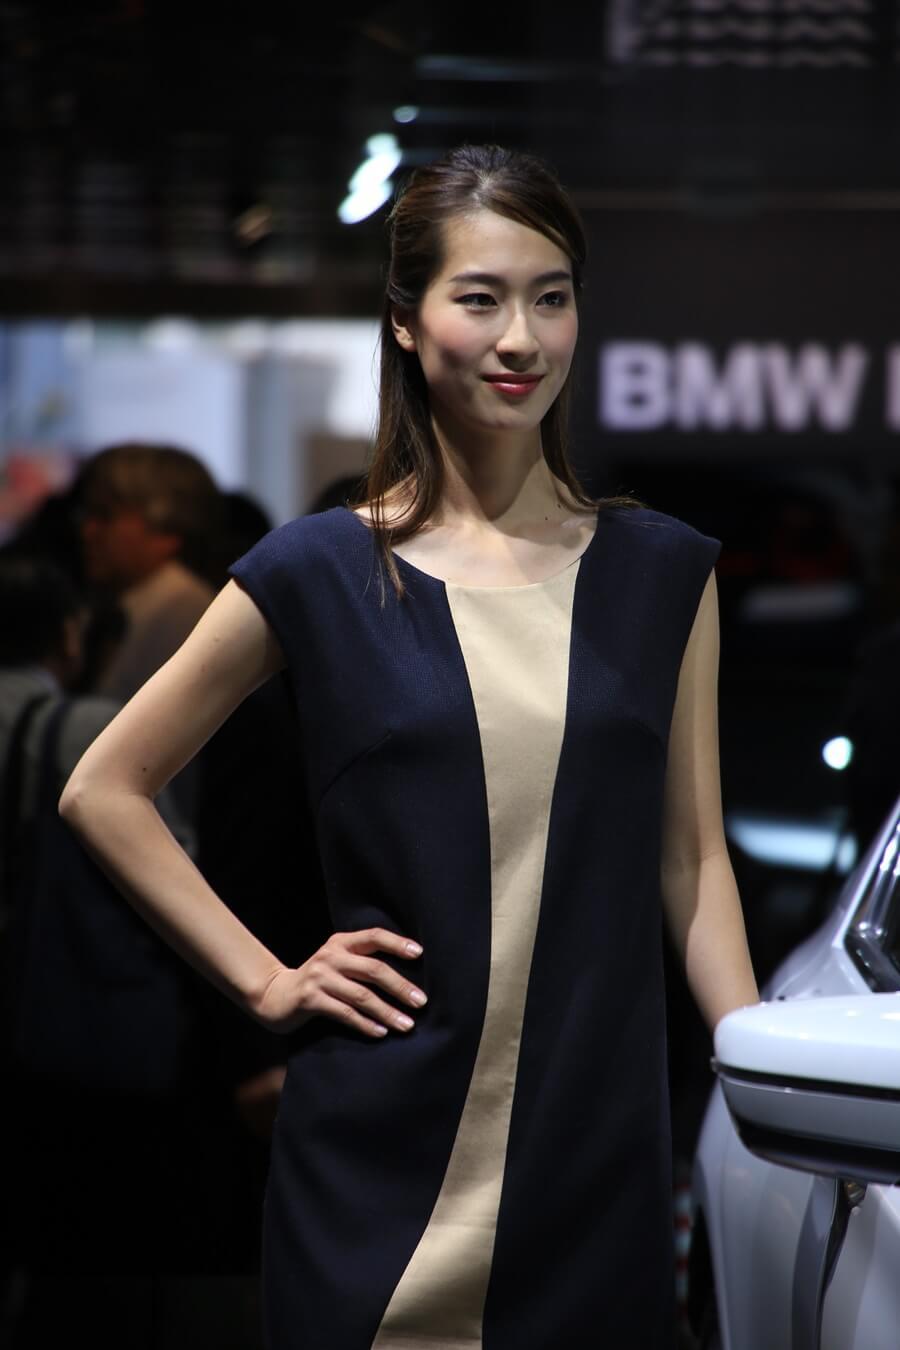 東京モーターショー2015 BMW コンパニオン Tokyo_motor_show_2015_BMW (6)